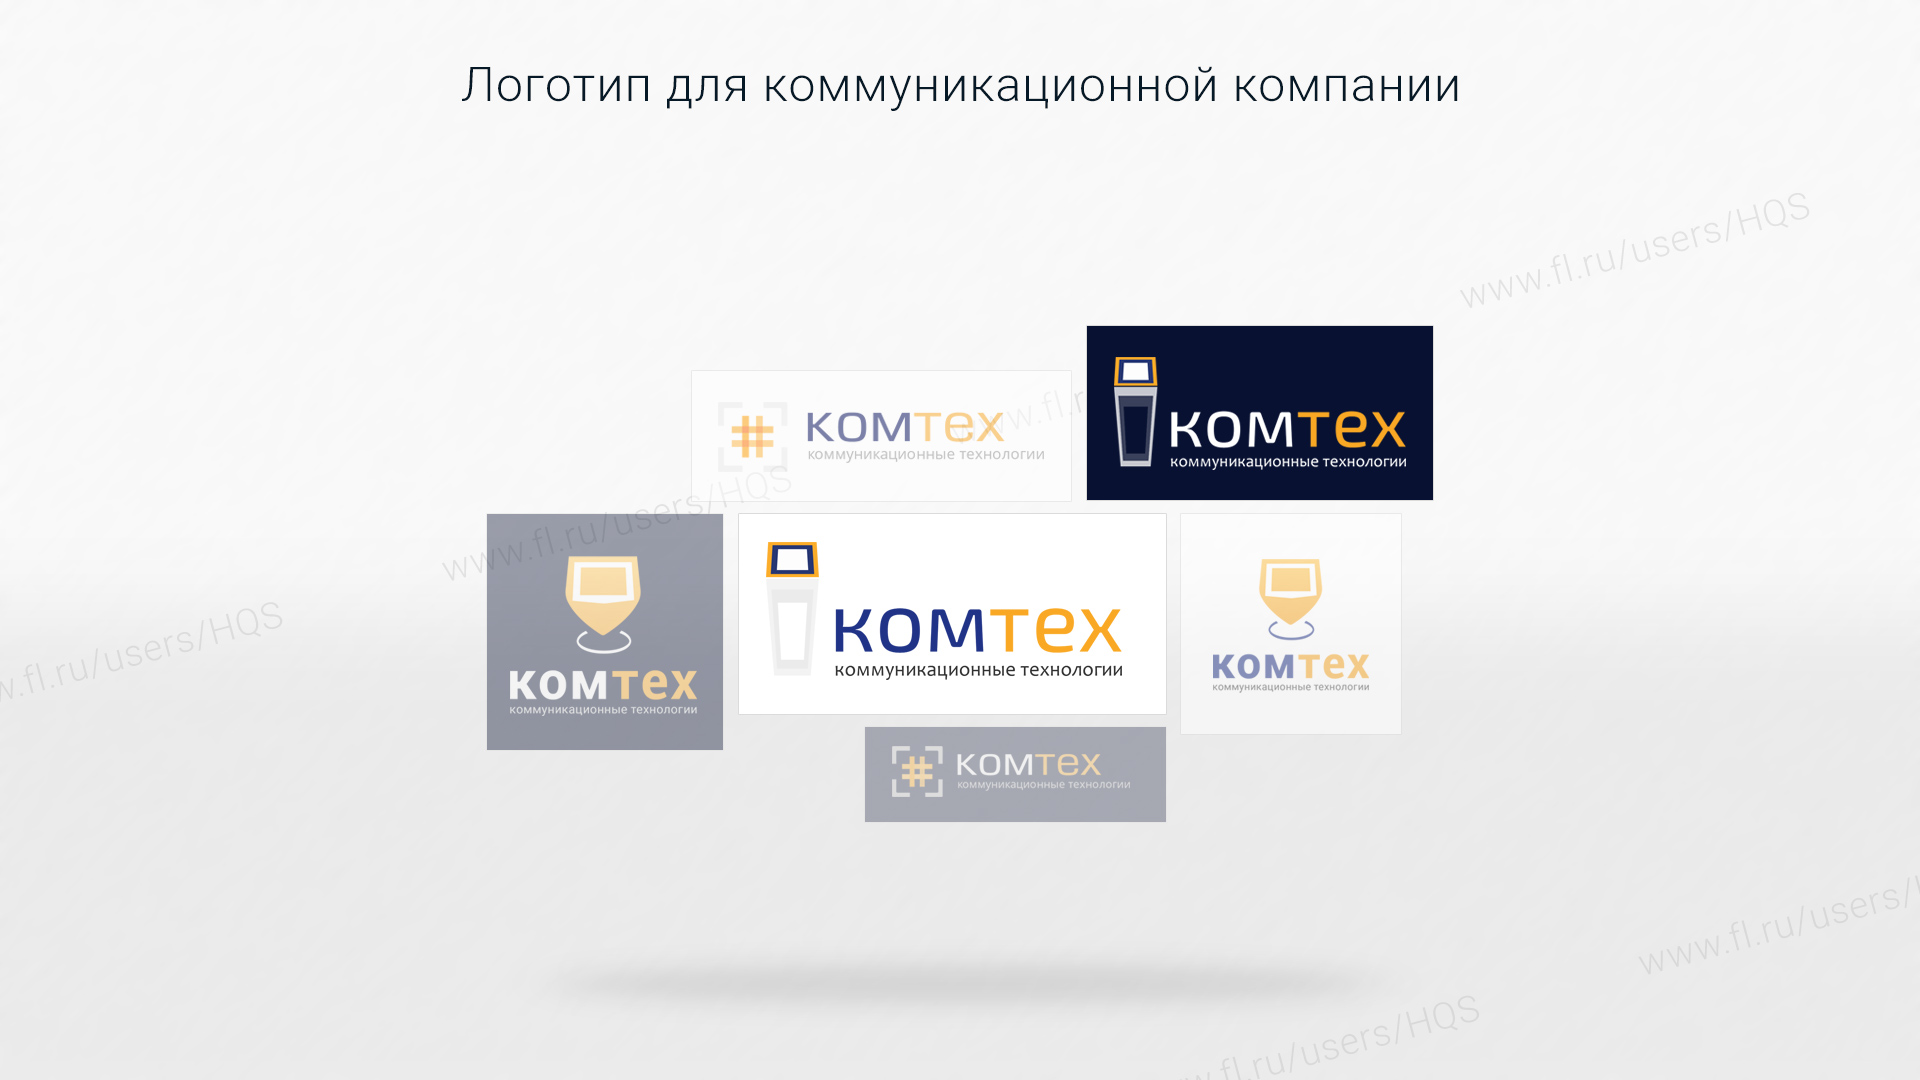 Логотип для коммуникационной компании